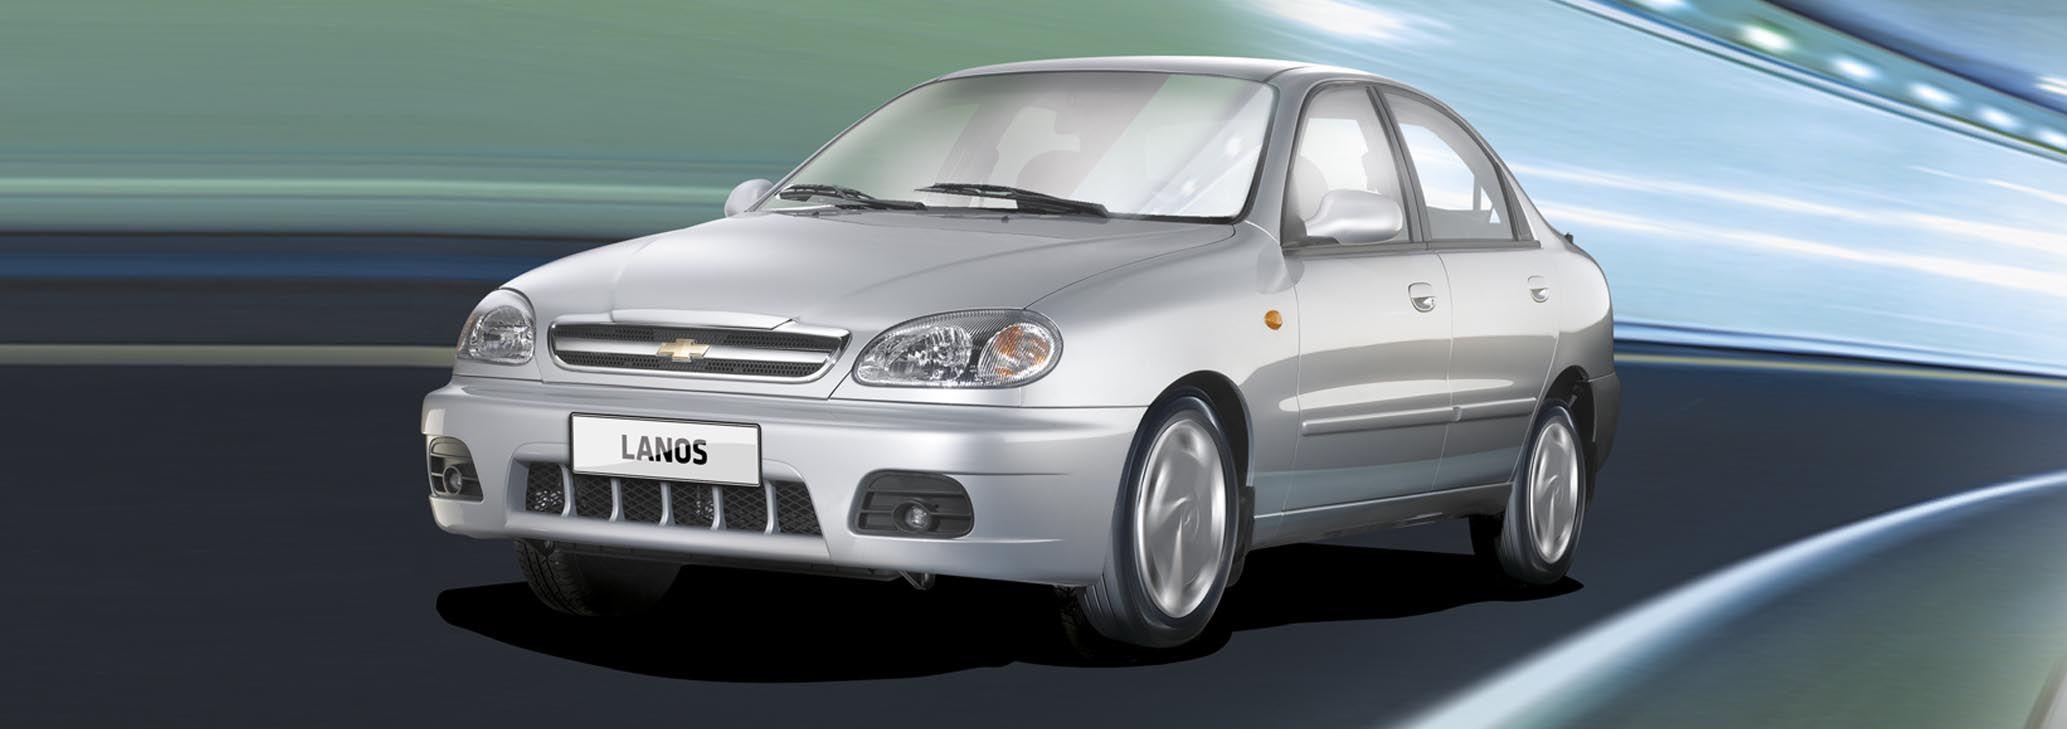 Chevrolet Lanos - Прайс на работы | Ремонт Chevrolet Lanos